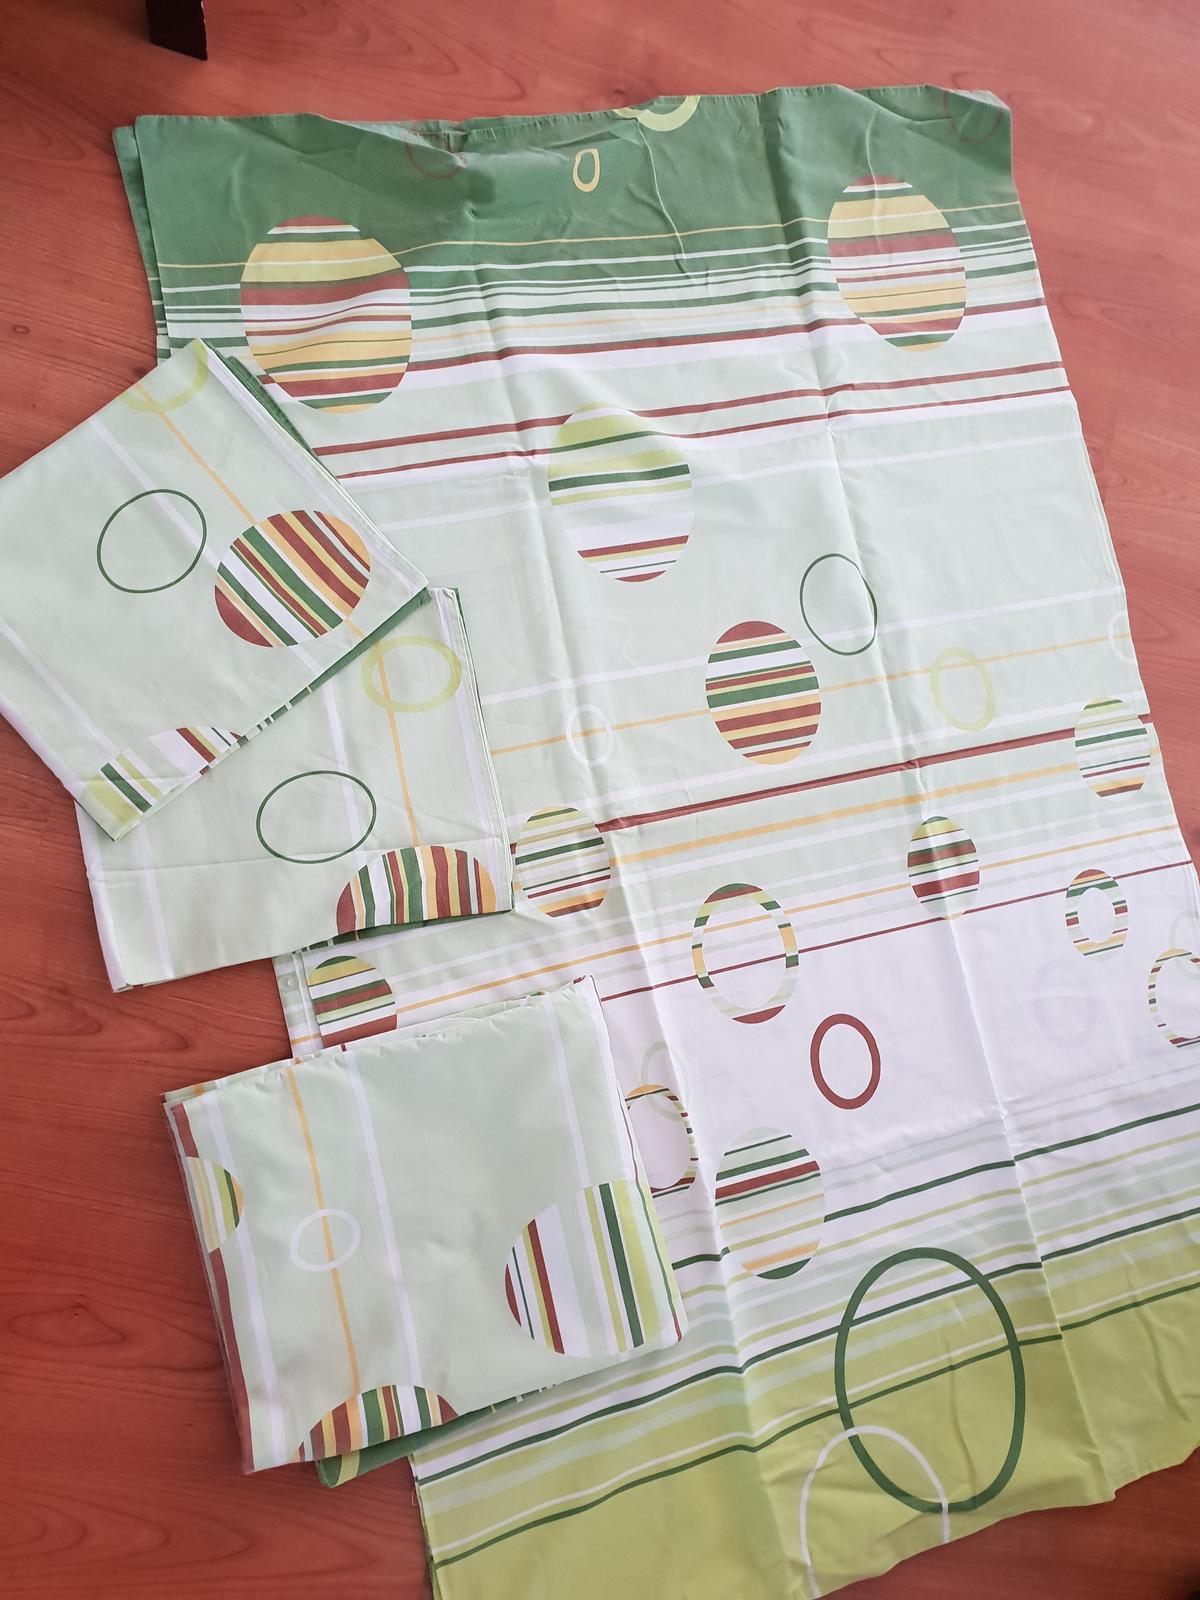 Postelne obliecky na manzelsku postel bavlnene - Obrázok č. 1